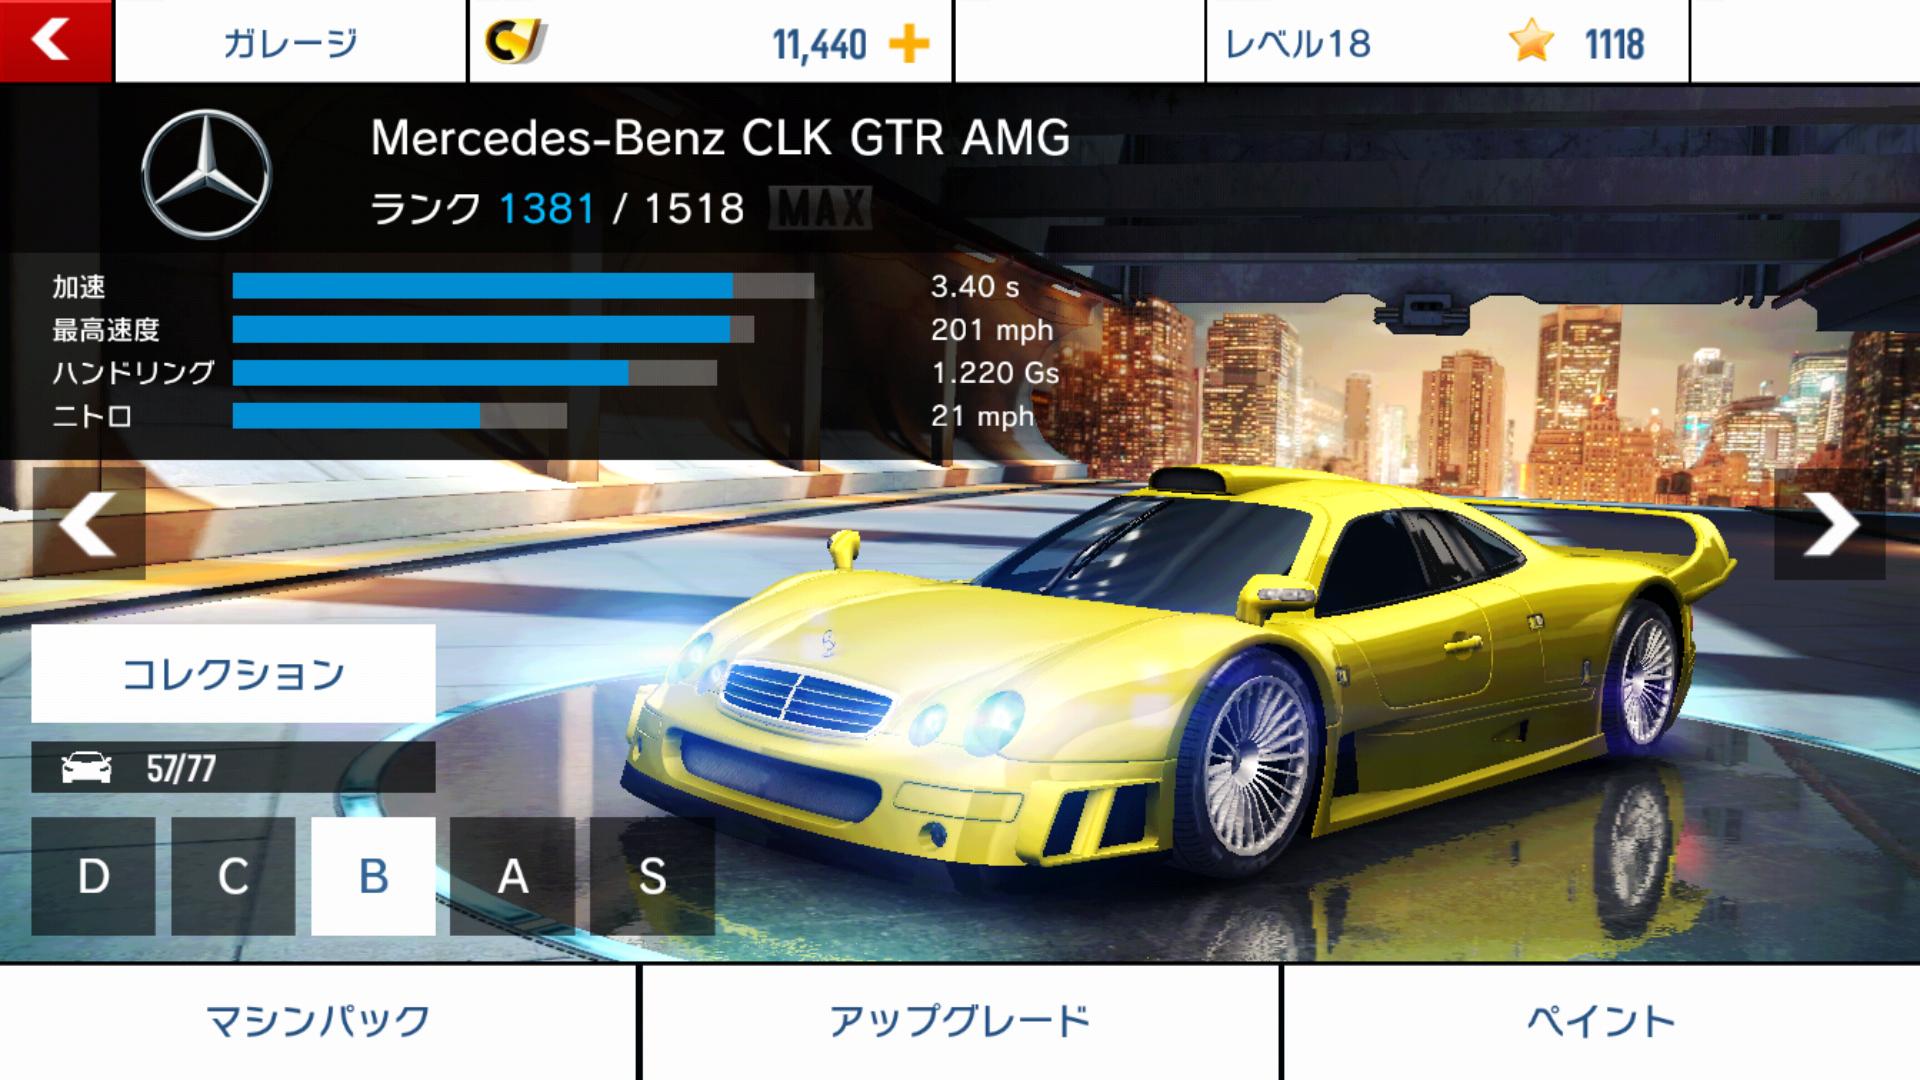 Mercedes Benz CLK GTR AMG